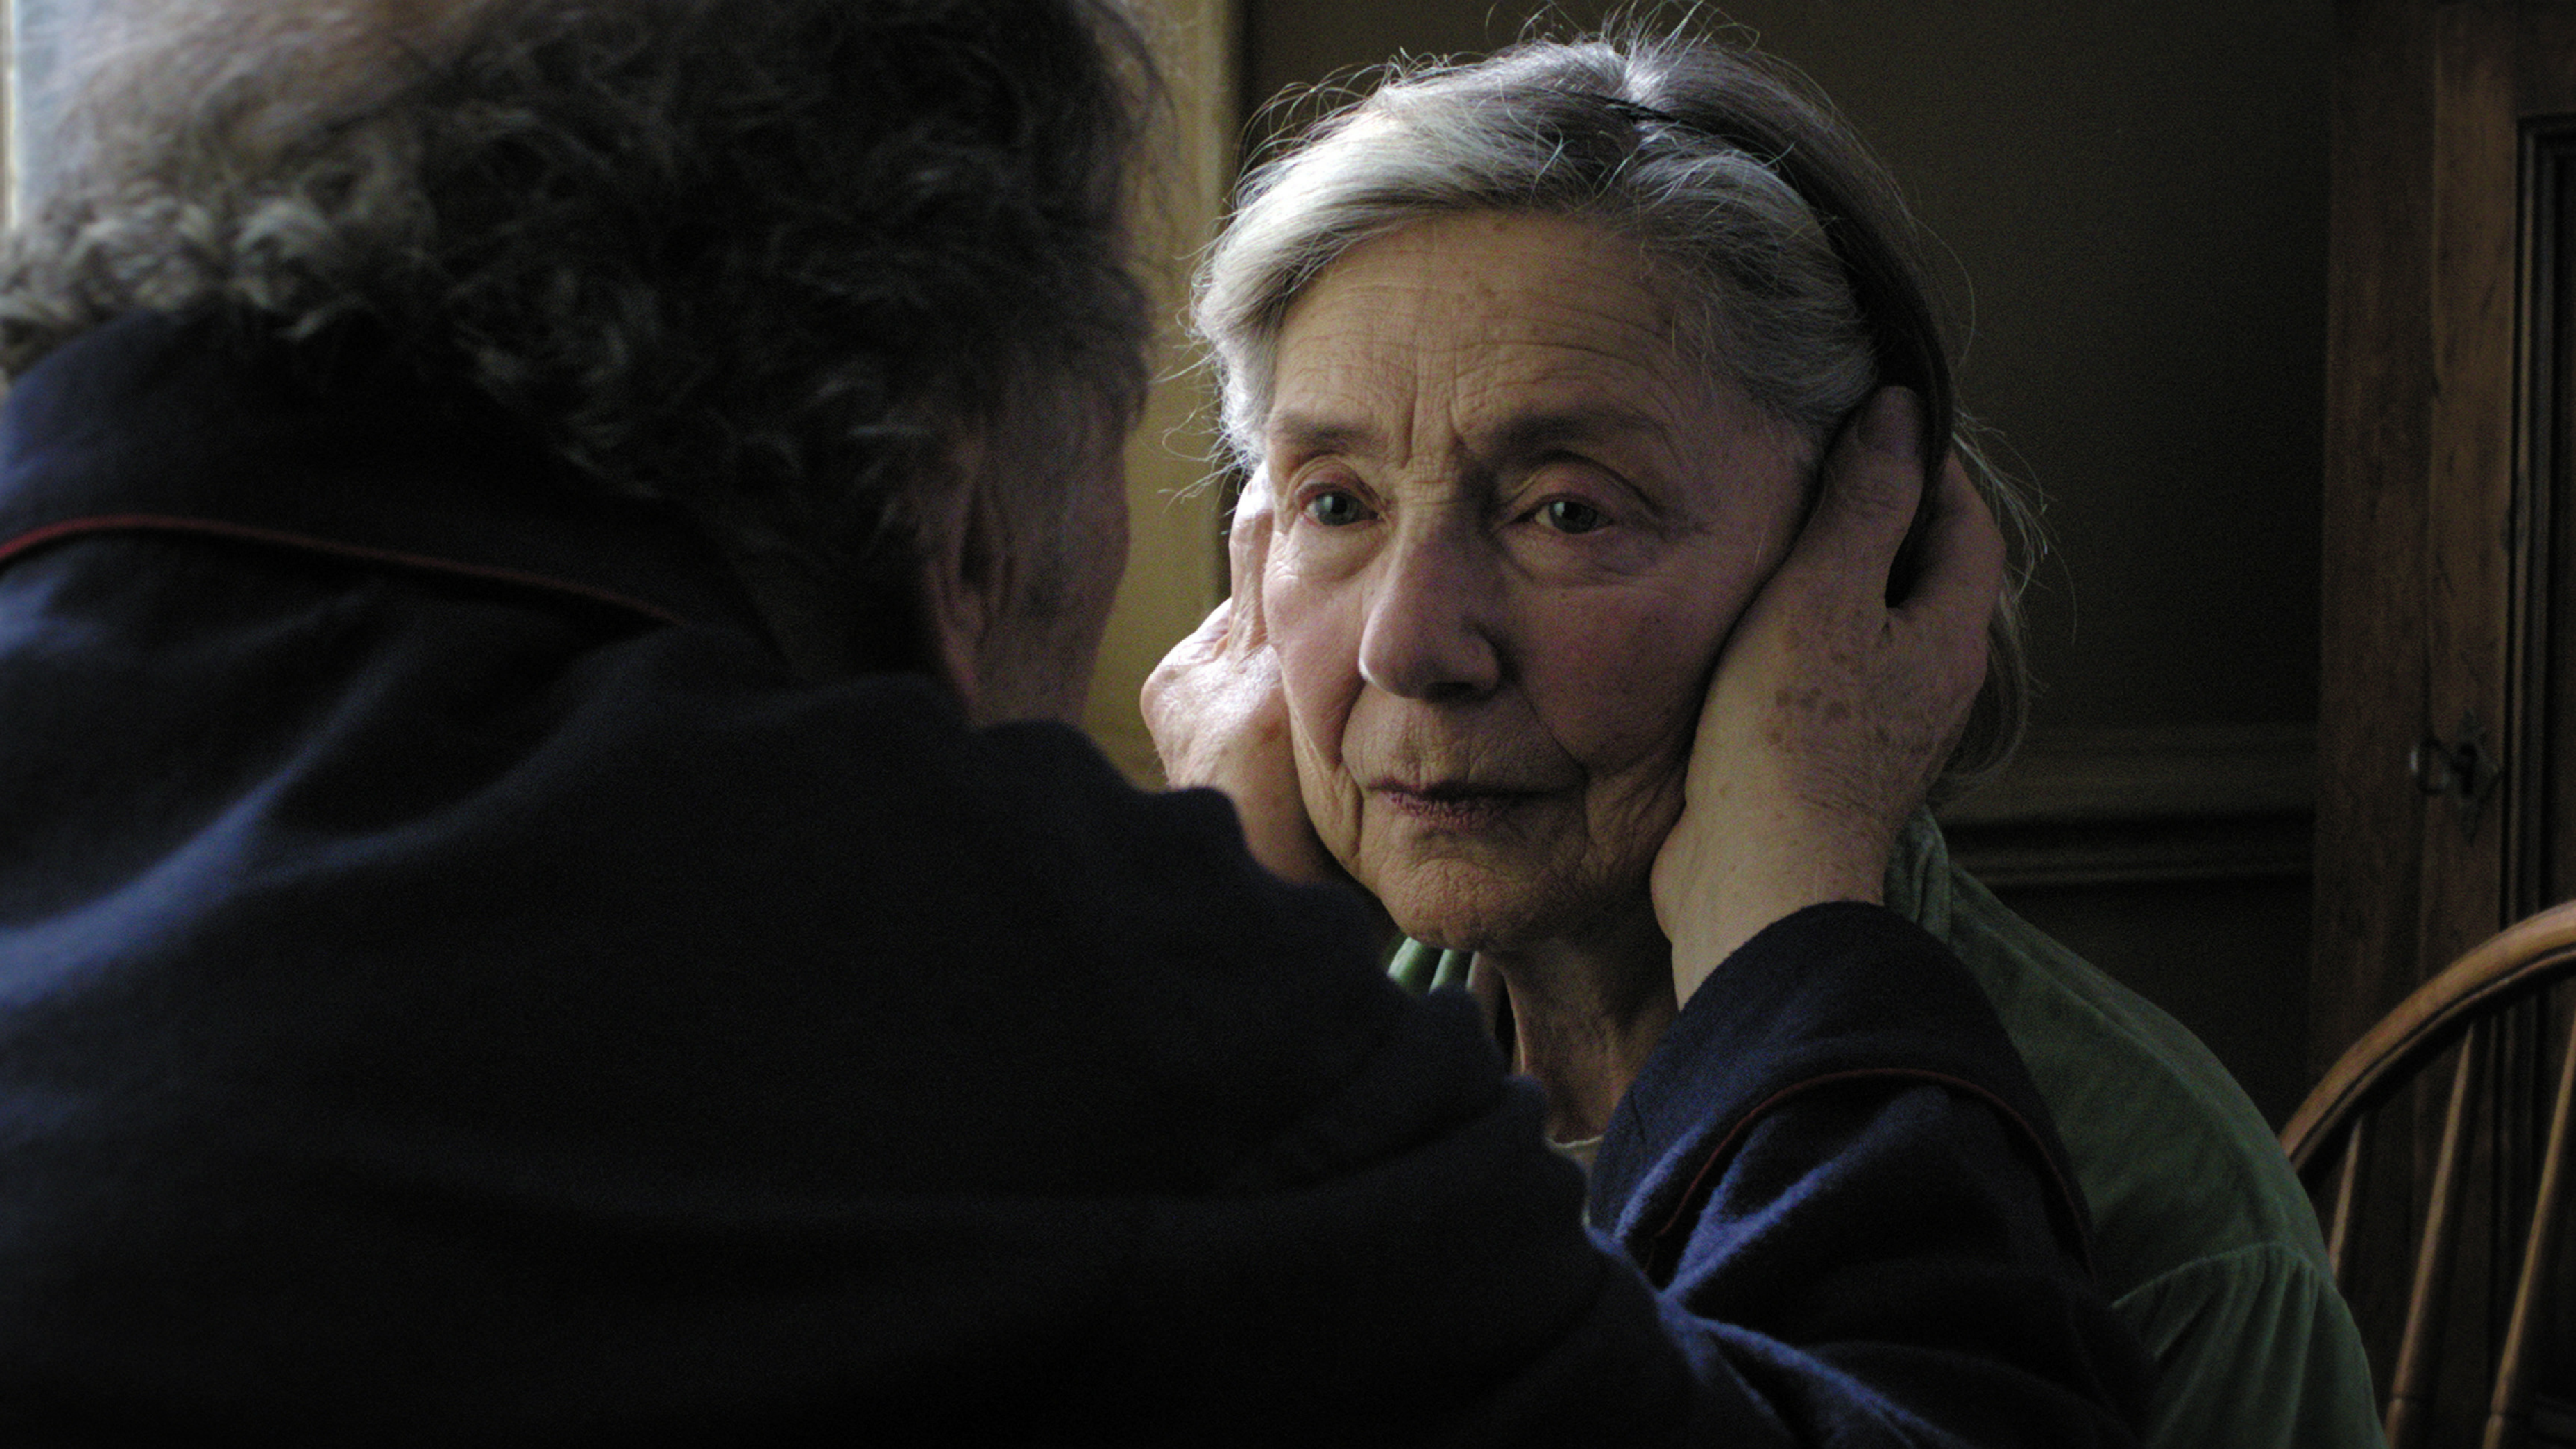 Amour di Michael Haneke: sull'estetica del Male